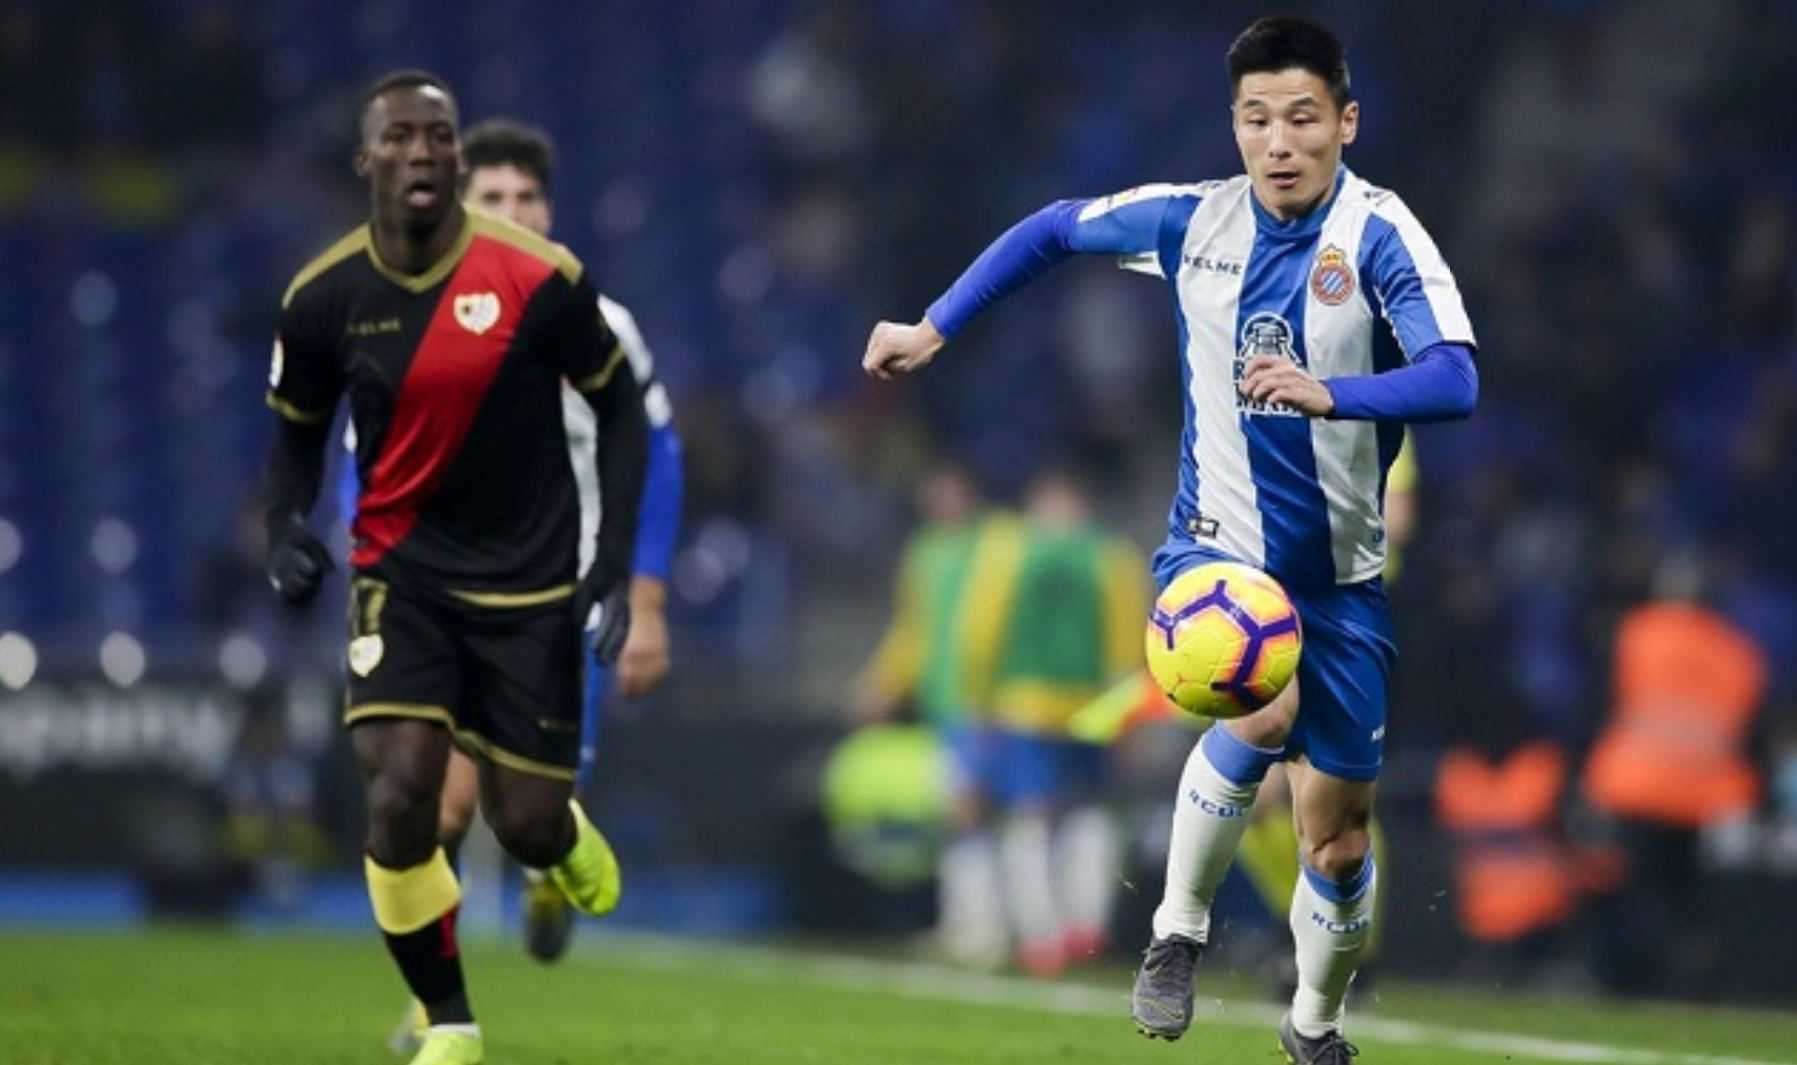 西甲赛事提醒:西班牙人对阵瓦伦西亚,武磊万事俱备 只